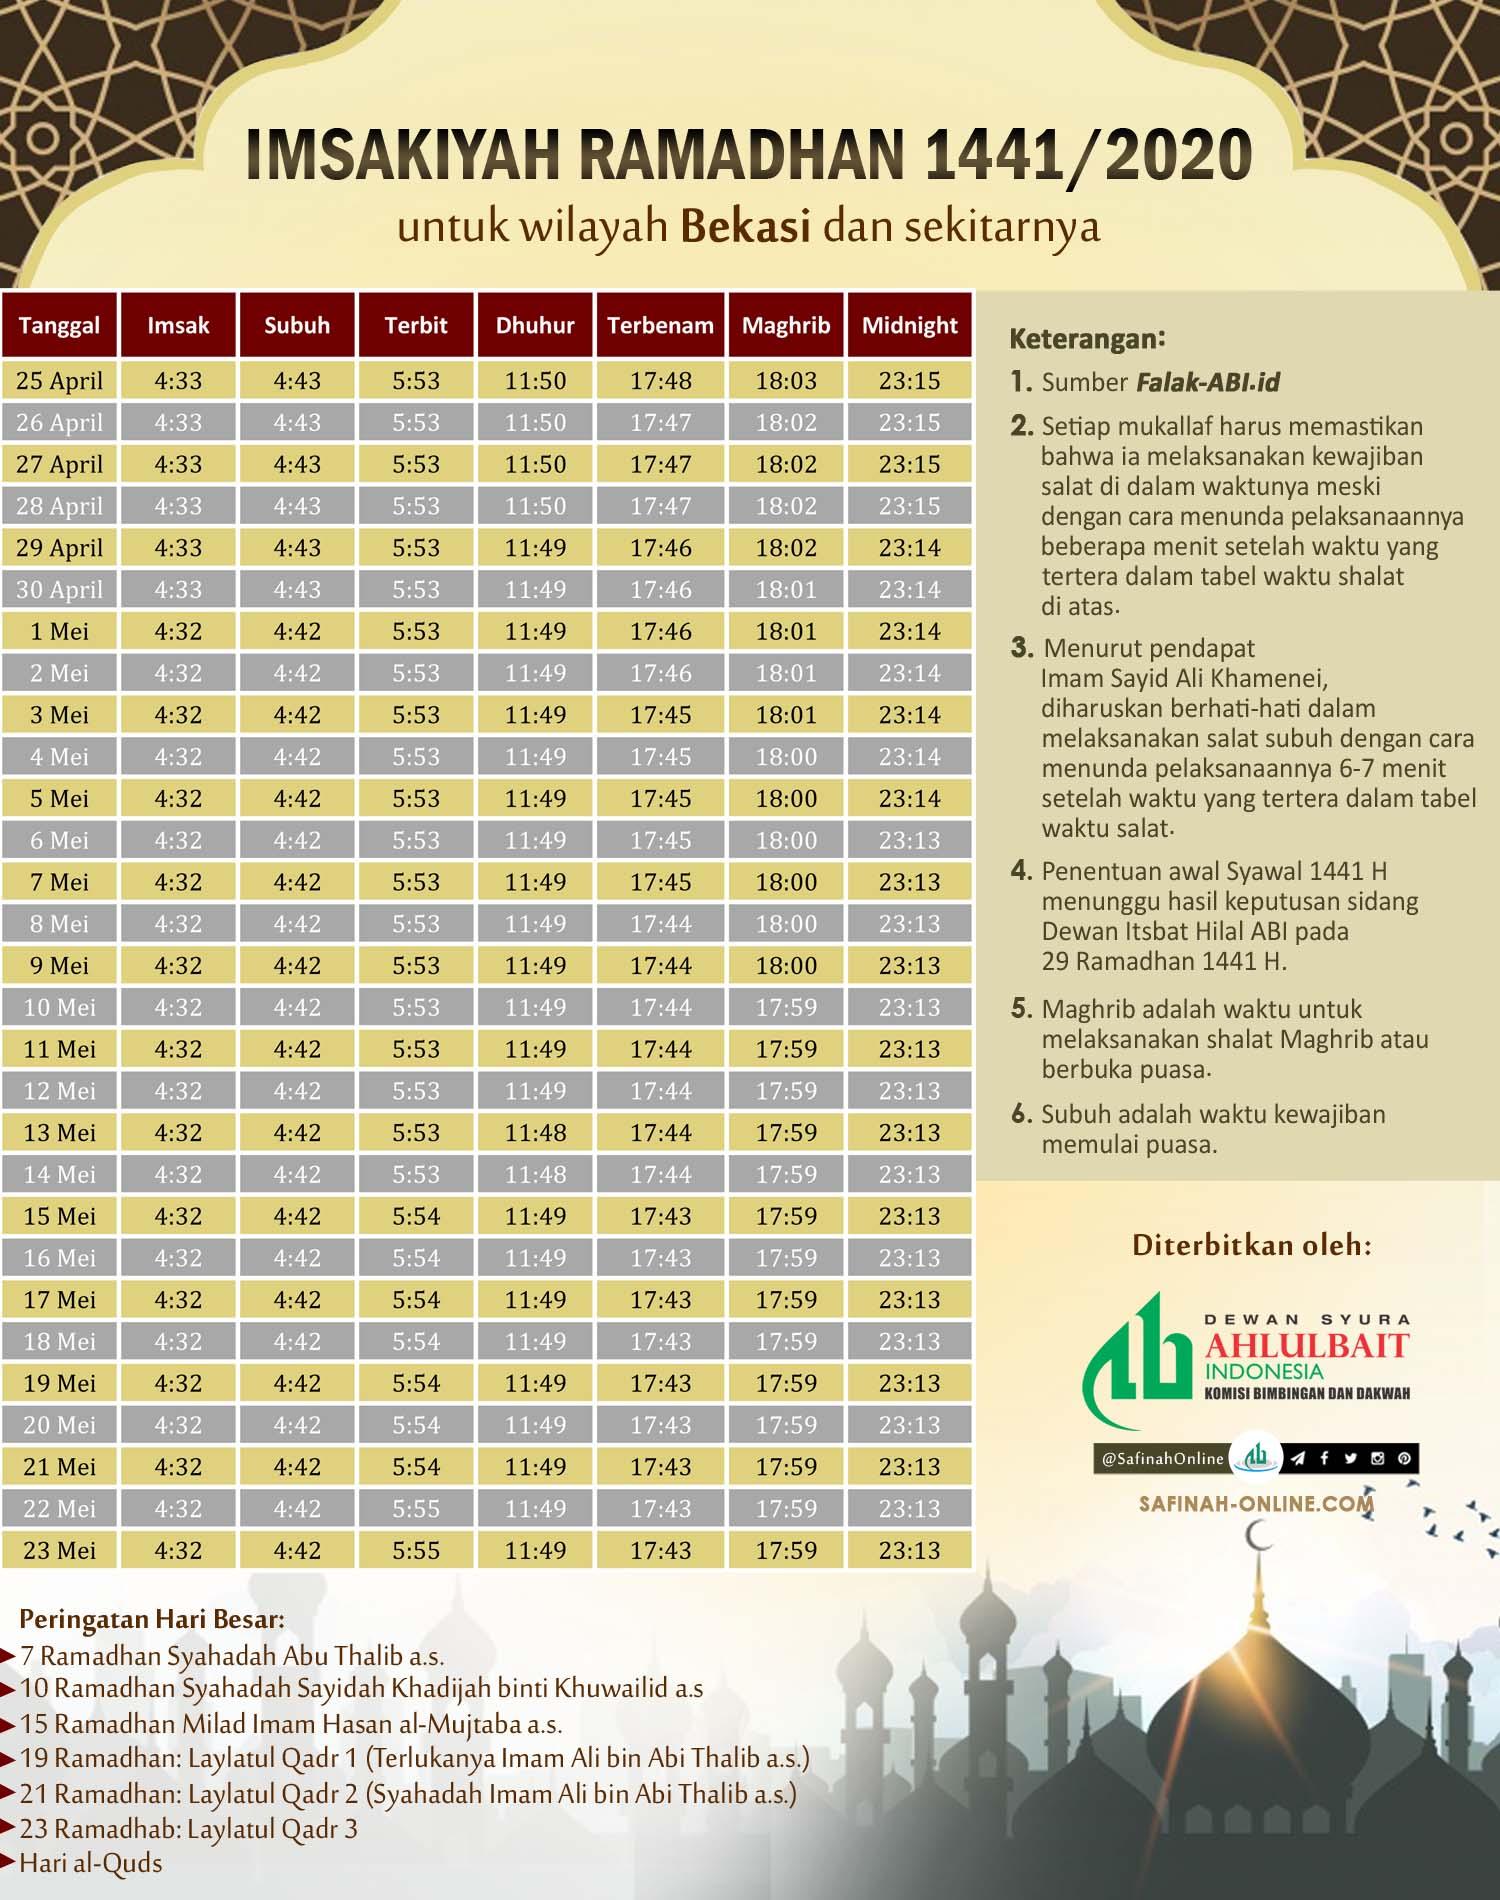 Jadwal Imsakiyah Ramadhan 1441H / 2020M - Safinah Online